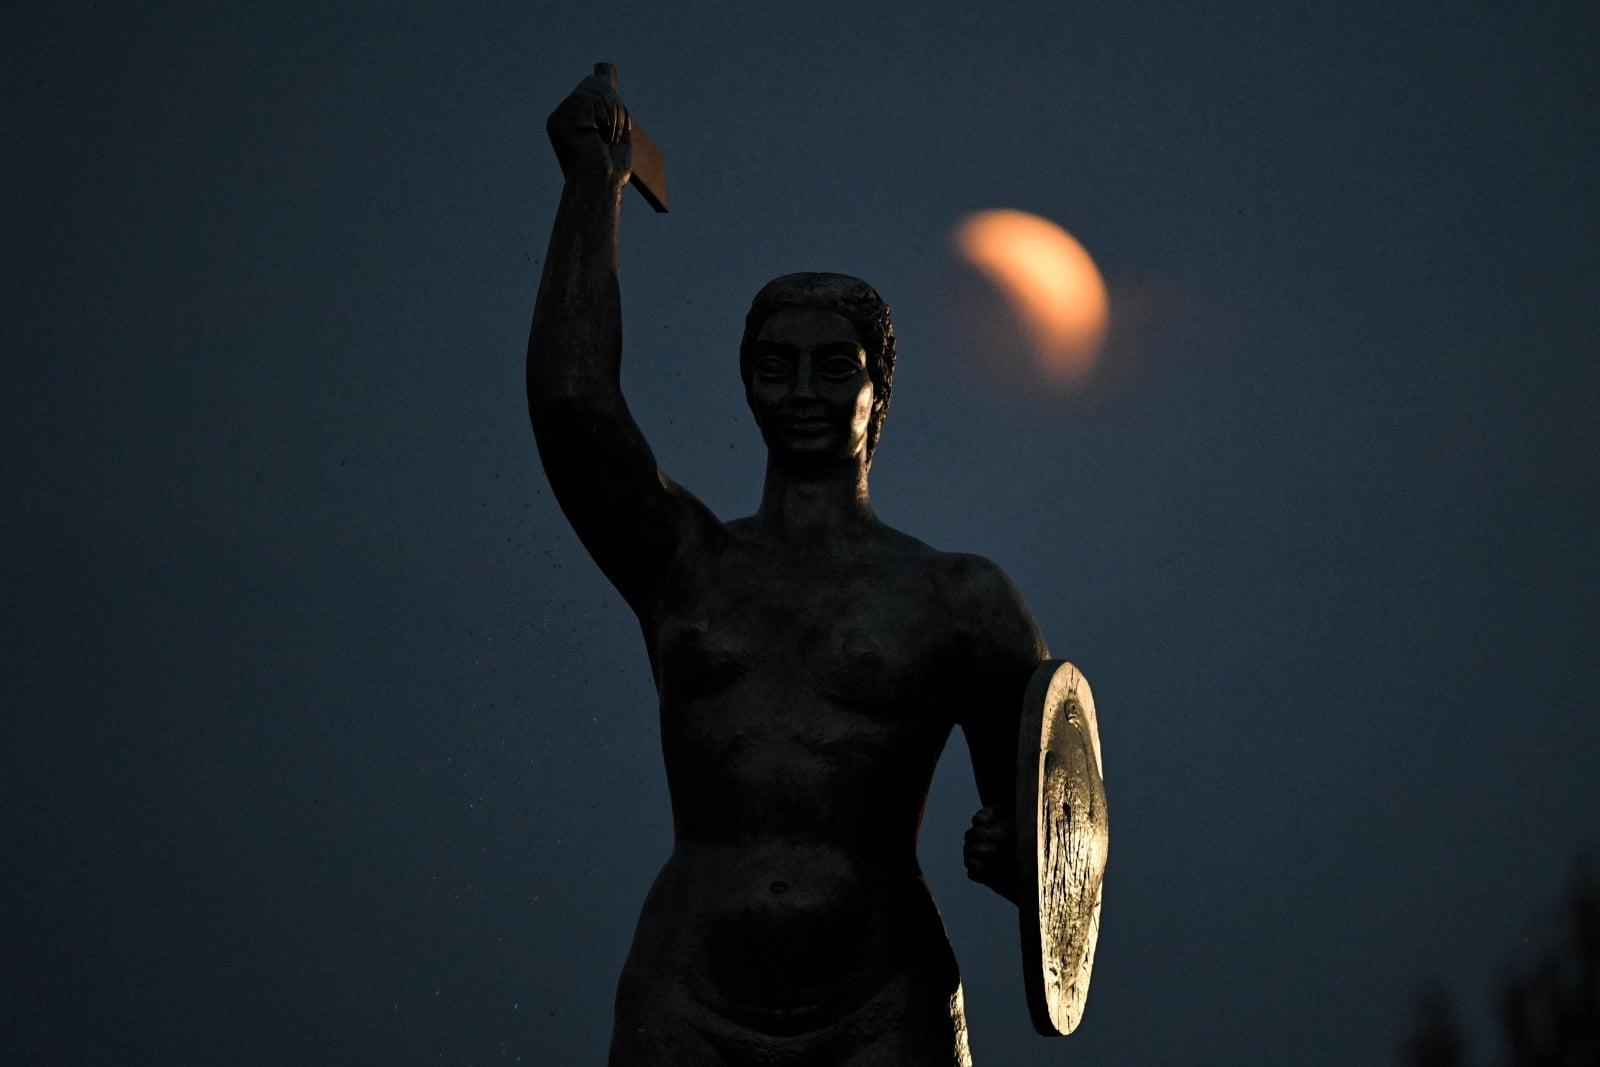 Początkowa faza zaćmienia księżyca obserwowana przed Pomnikiem Syrenki w Warszawie, fot. PAP/Radek Pietruszka